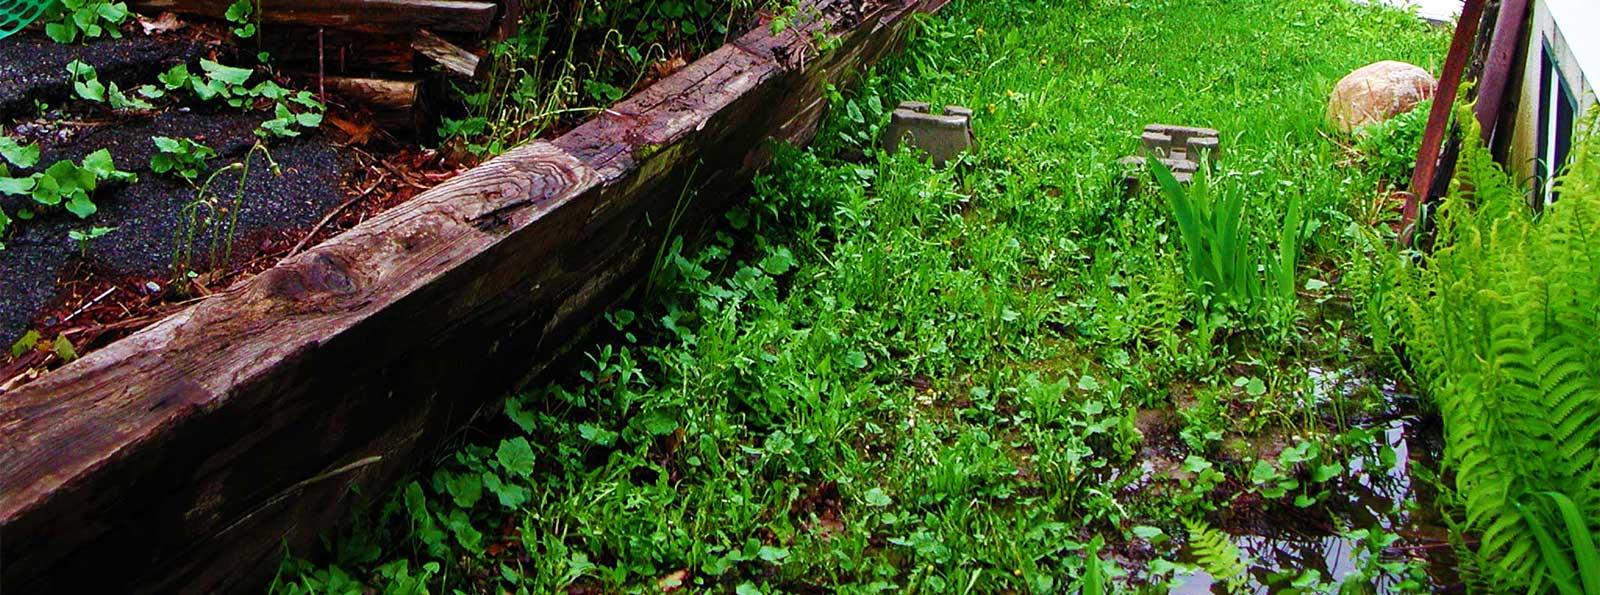 Vous songez à remplacer certains éléments de votre aménagement paysagé...